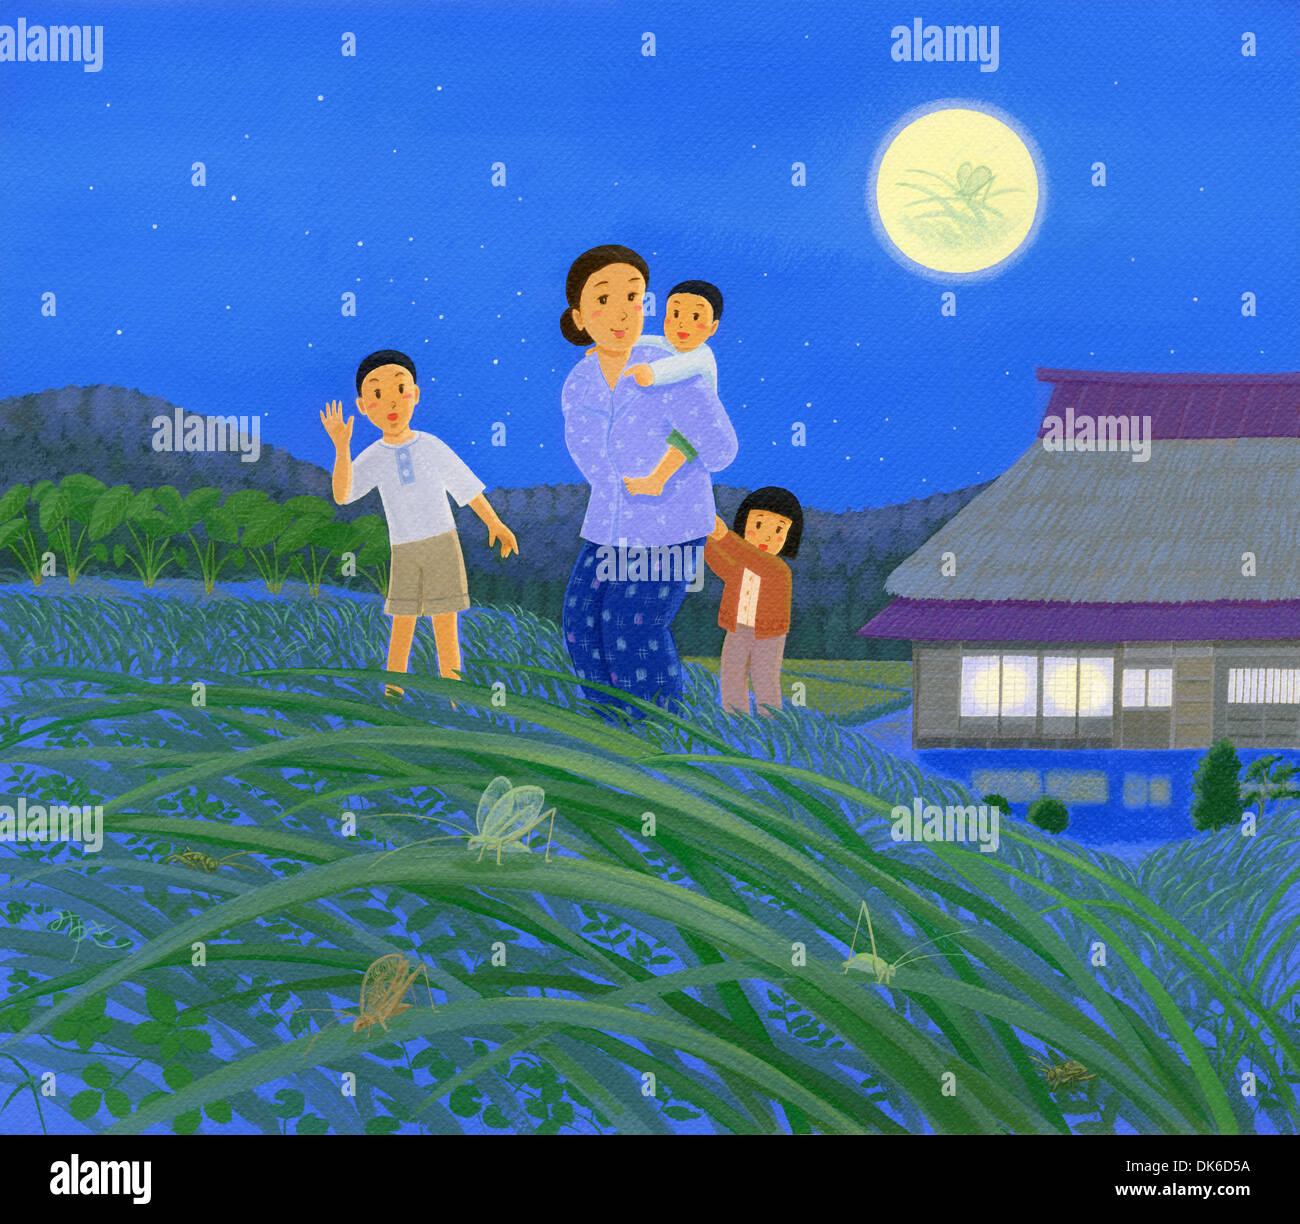 Las tradiciones japonesas y estaciones I Imagen De Stock